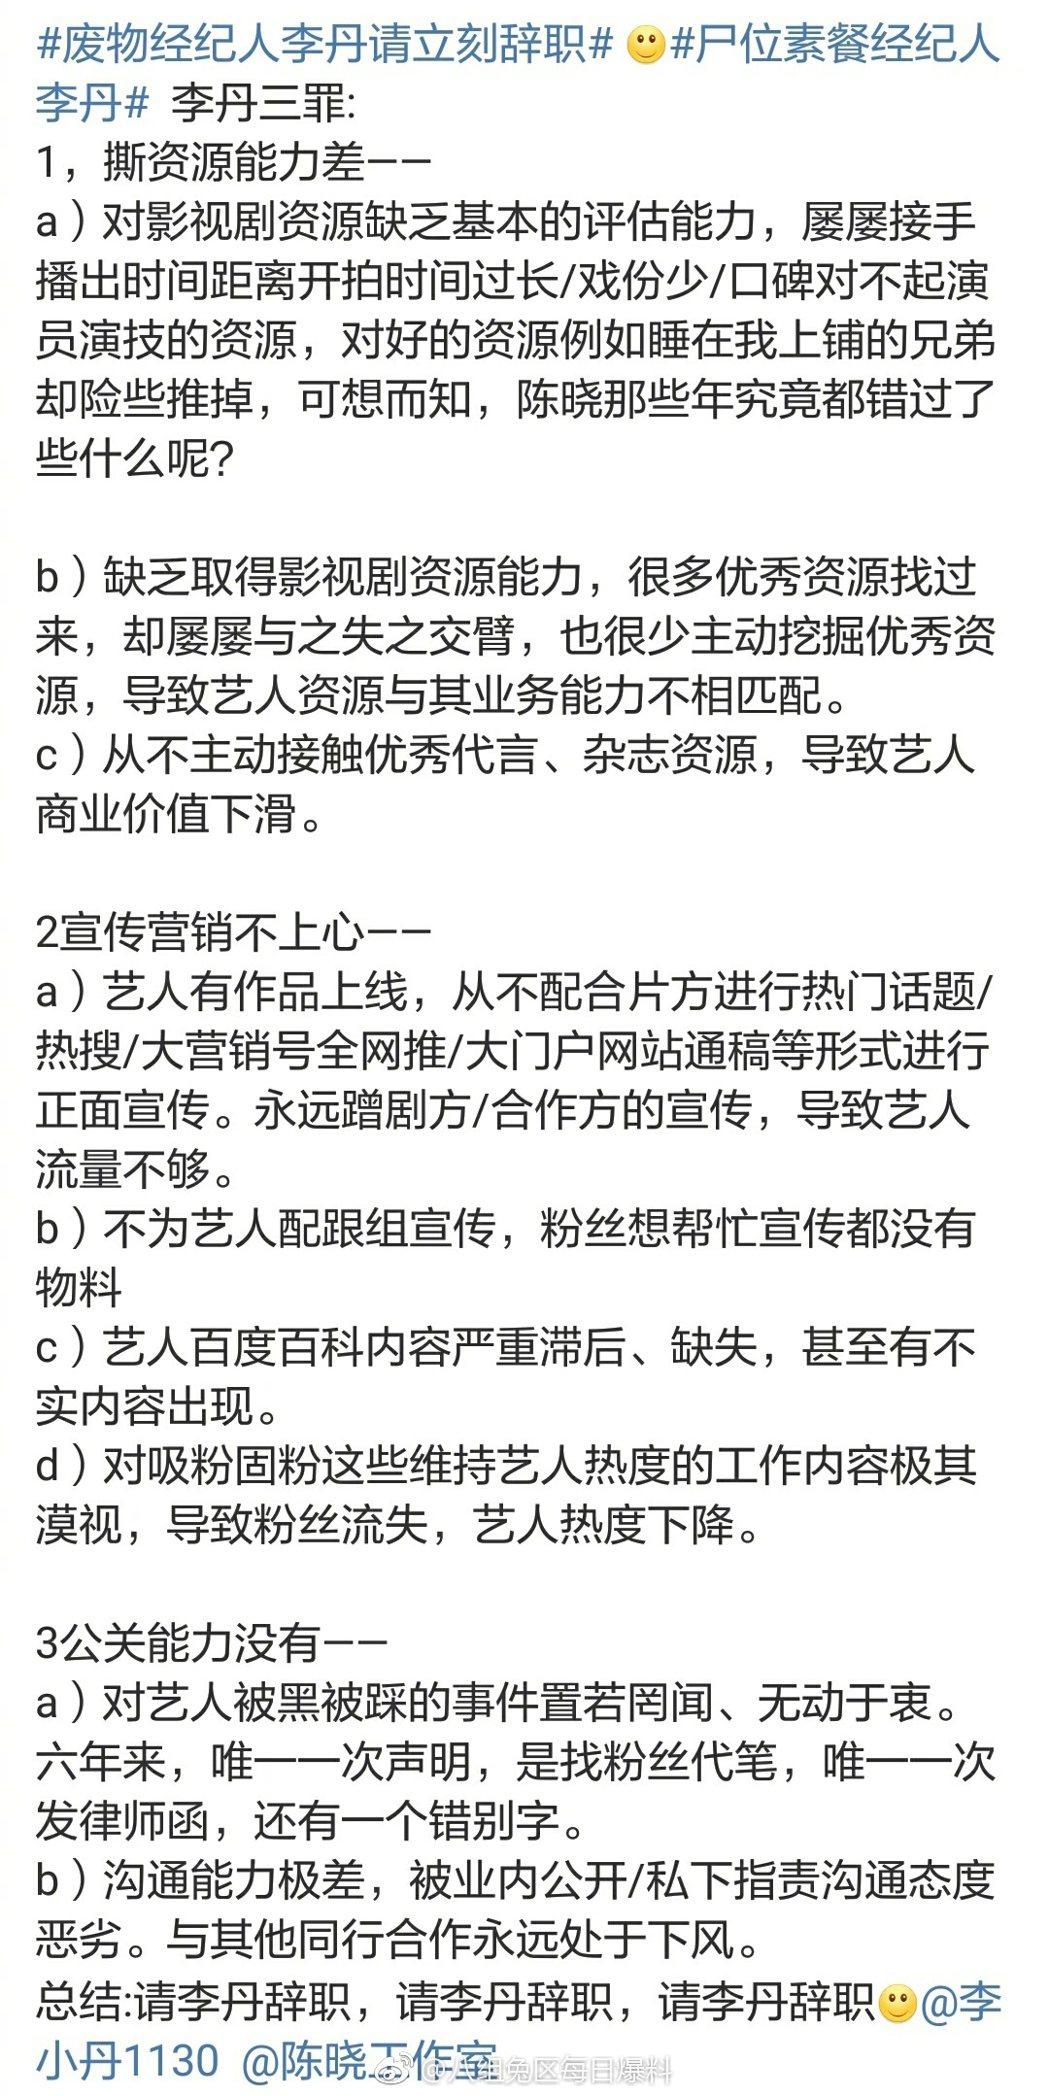 網曝粉絲羅列經紀人的3大「罪」。 圖/擷自微博